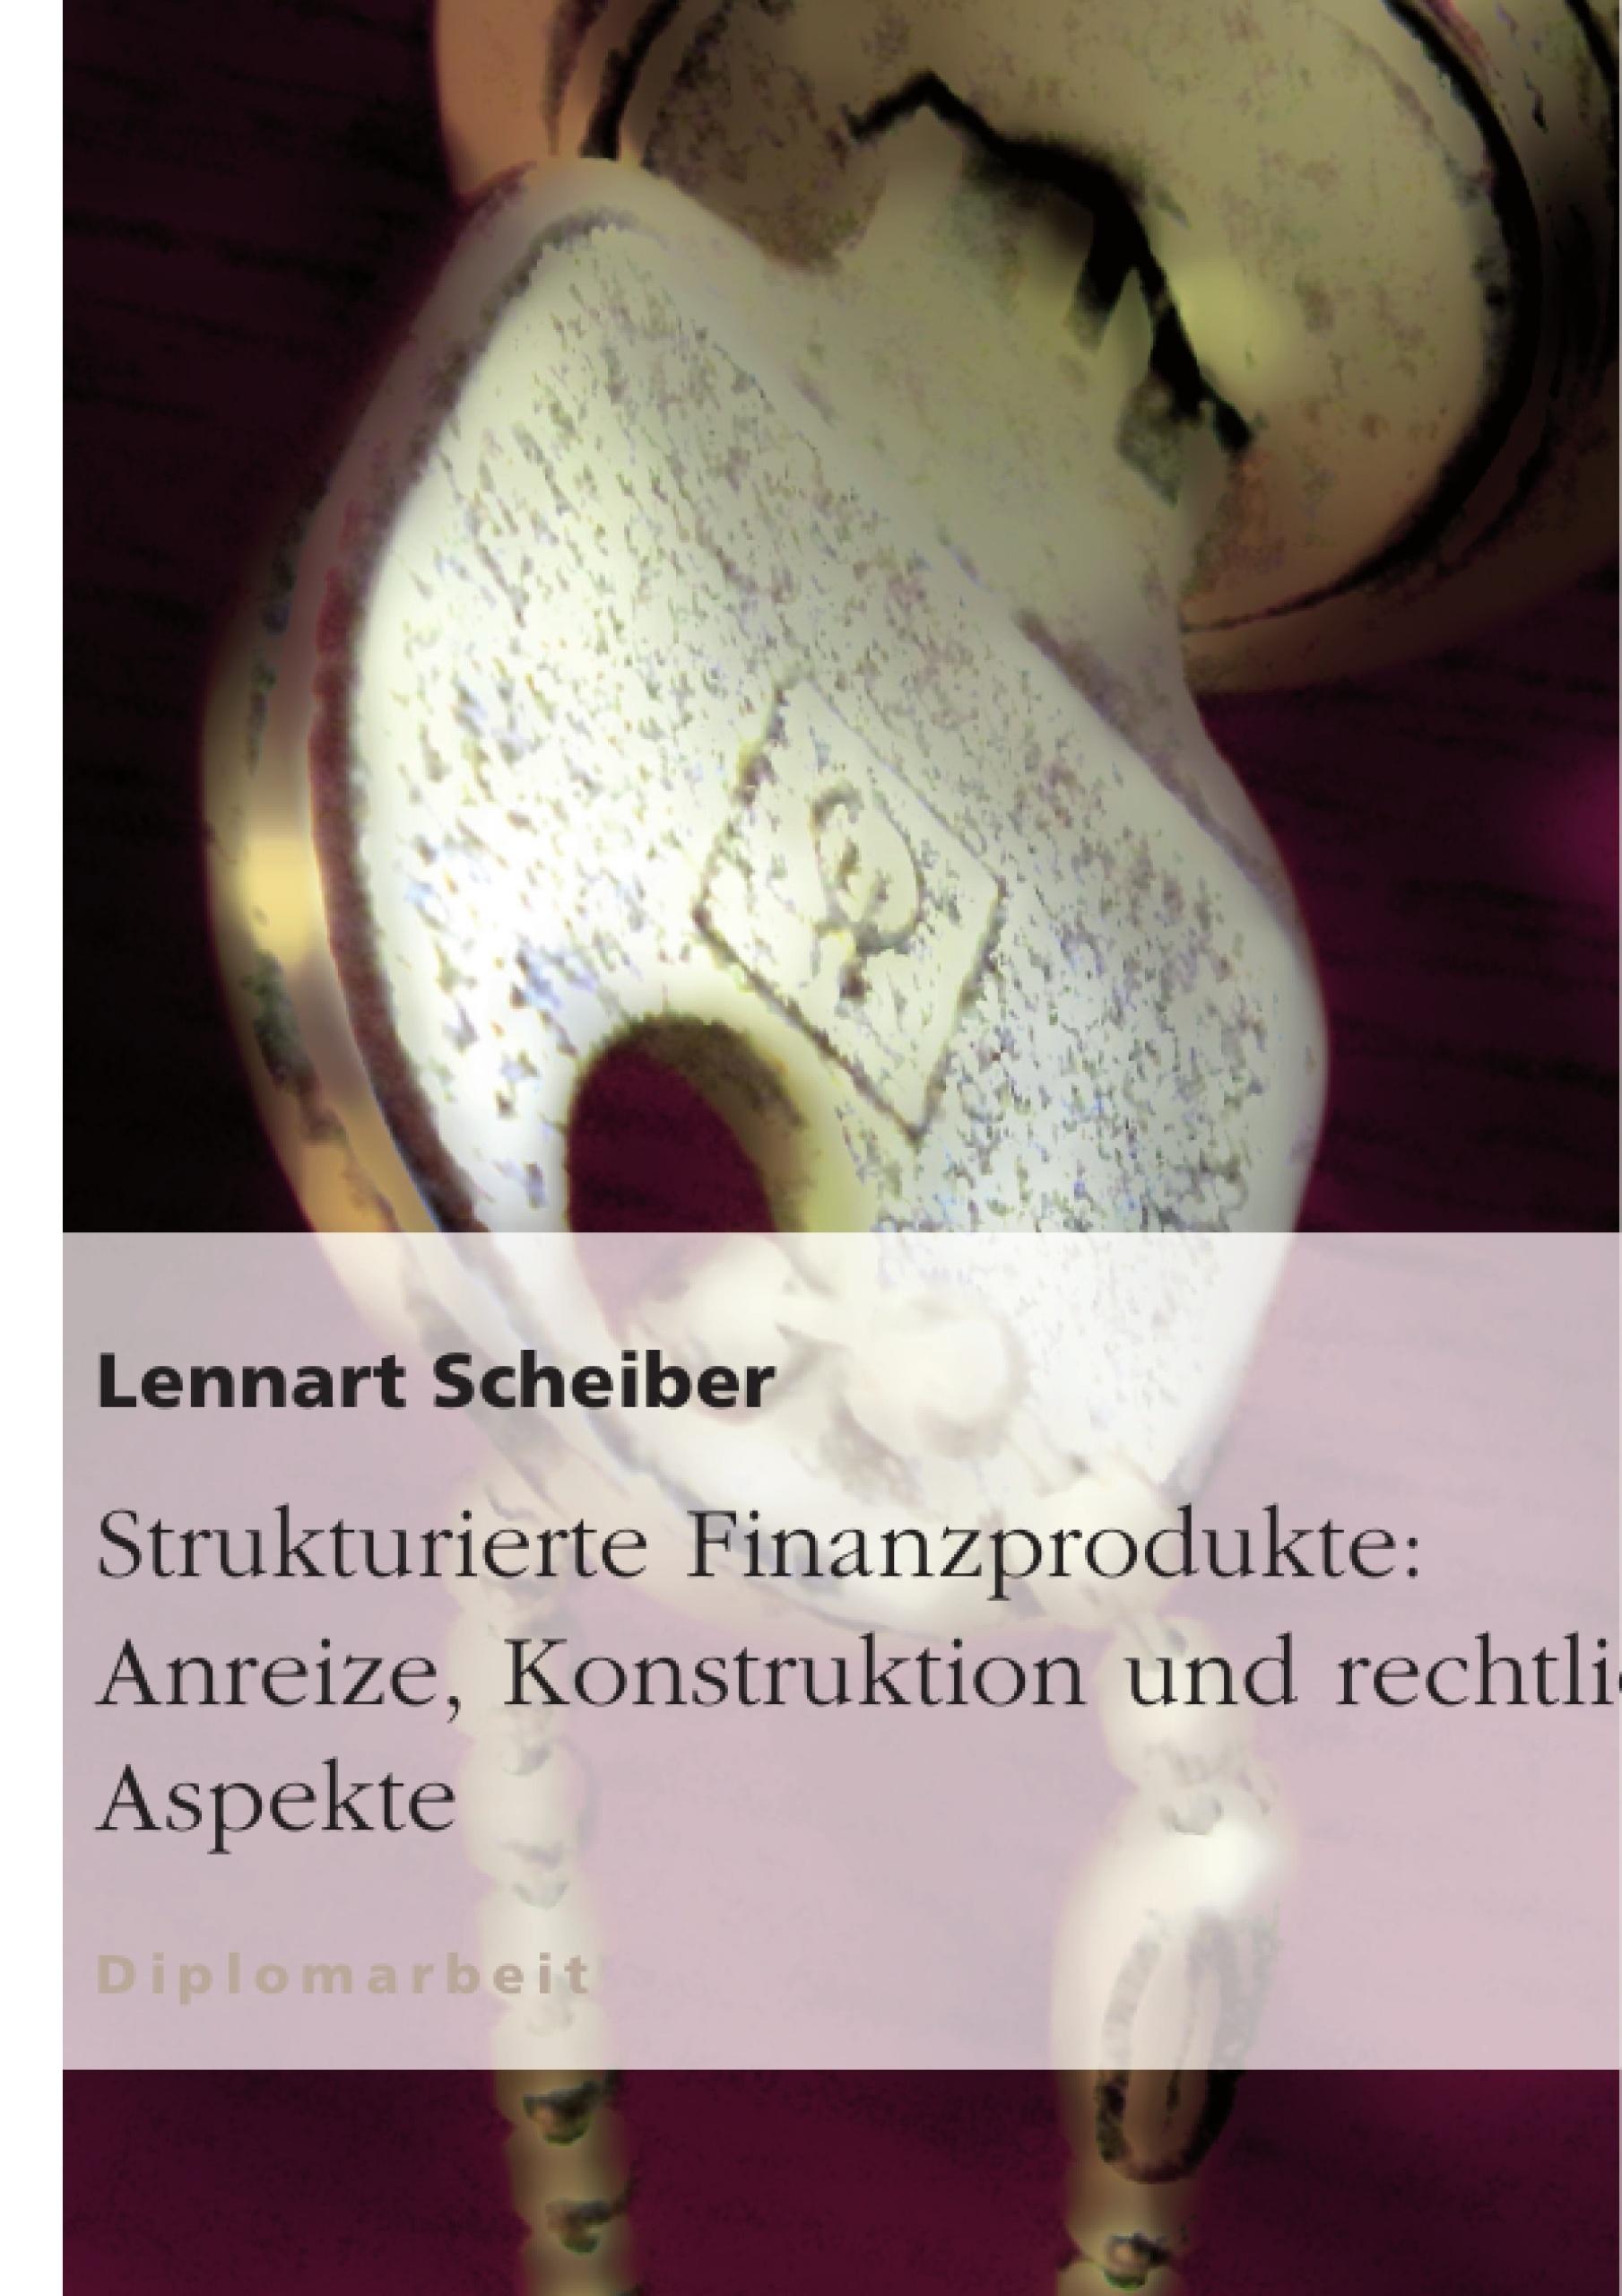 Titel: Strukturierte Finanzprodukte: Anreize, Konstruktion und rechtliche Aspekte